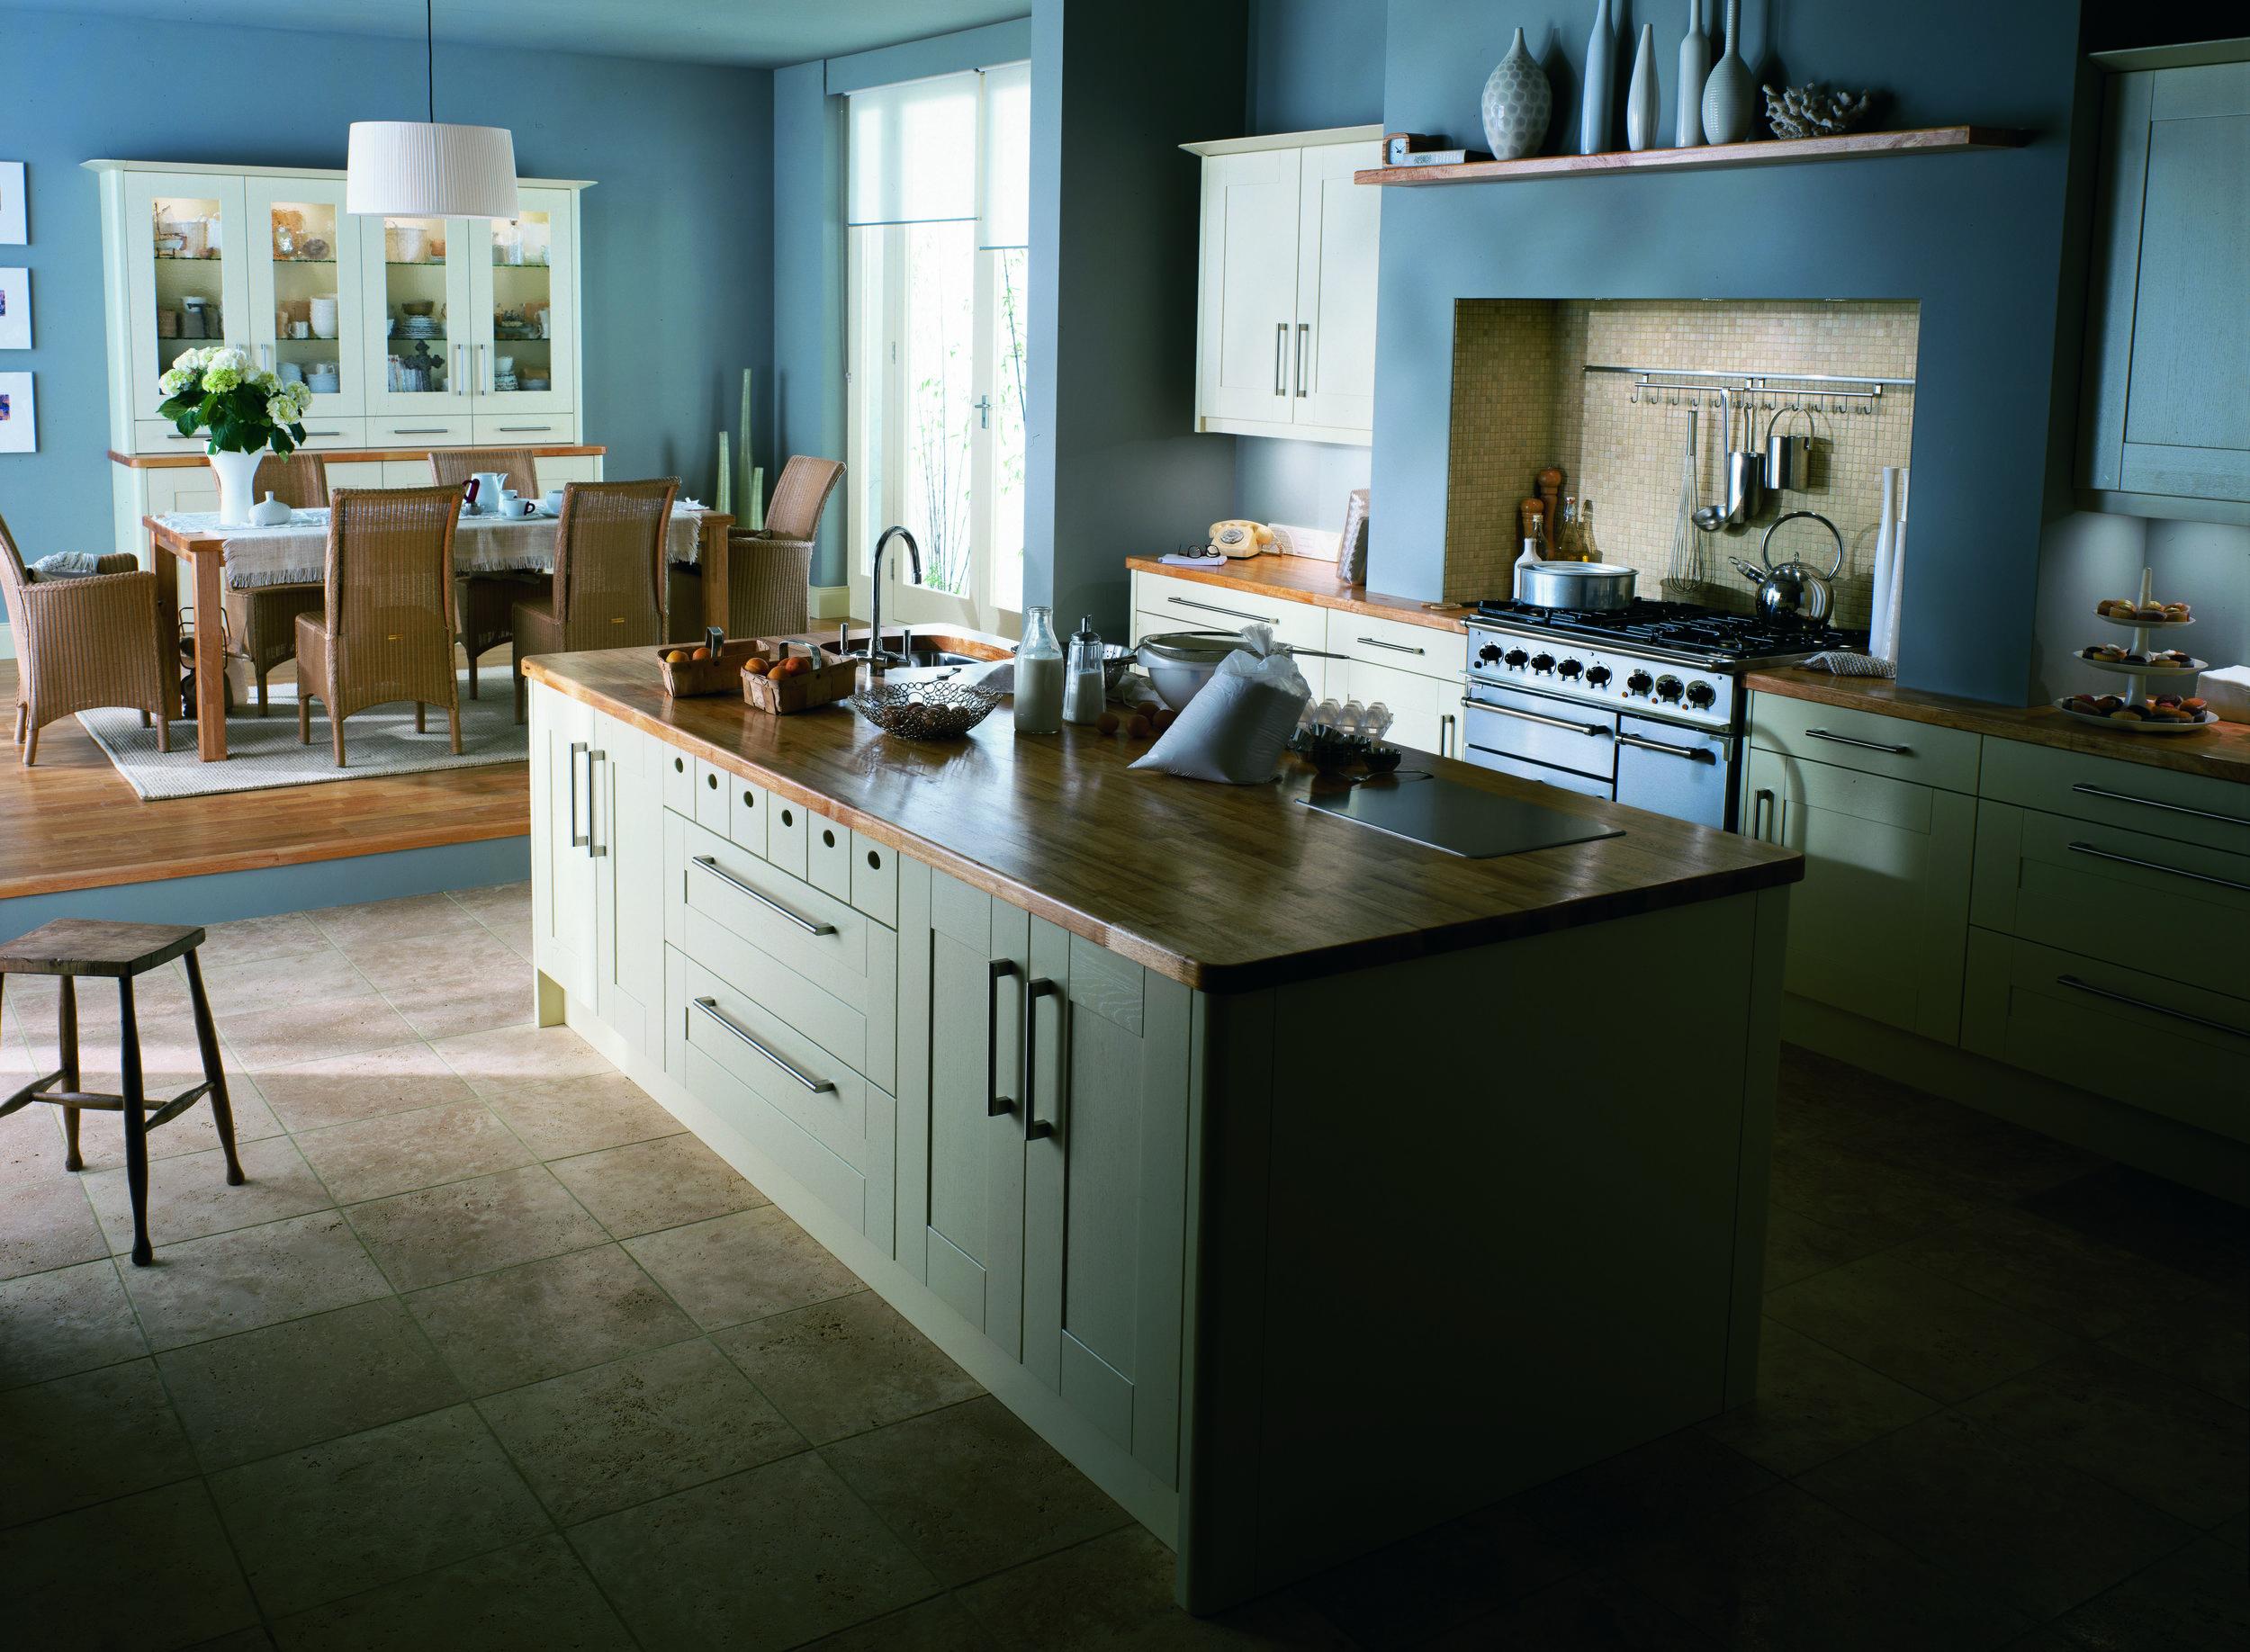 Milbourne alabaster £ 2900